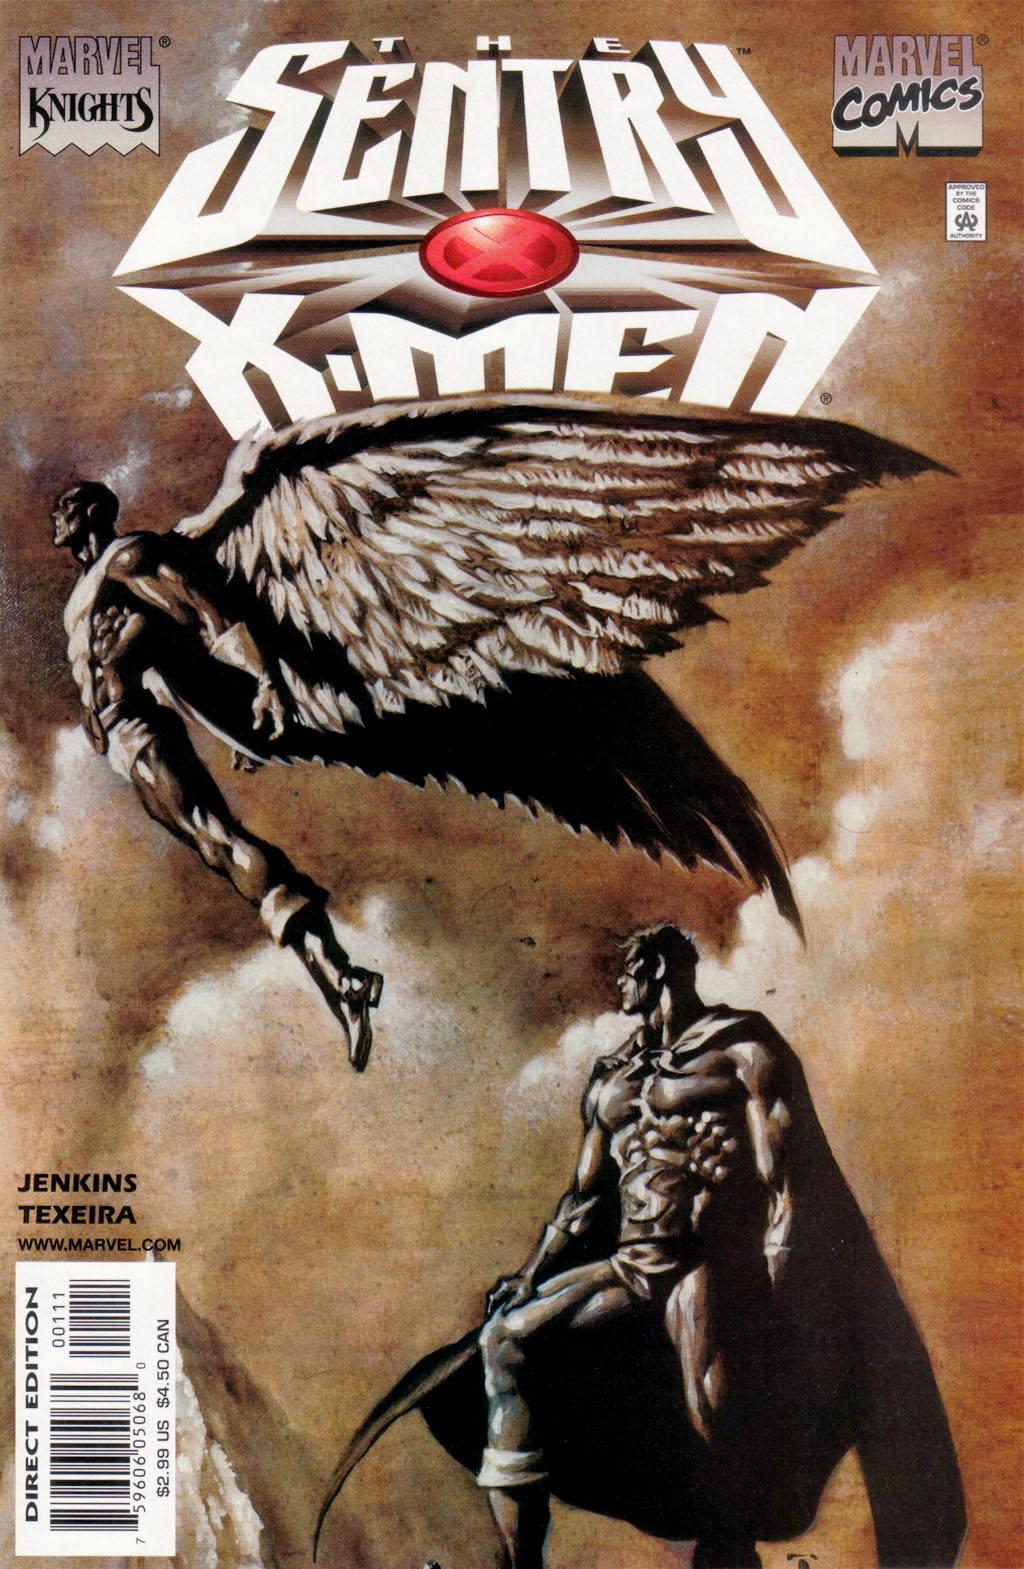 Read online Sentry/X-Men comic -  Issue # Full - 1